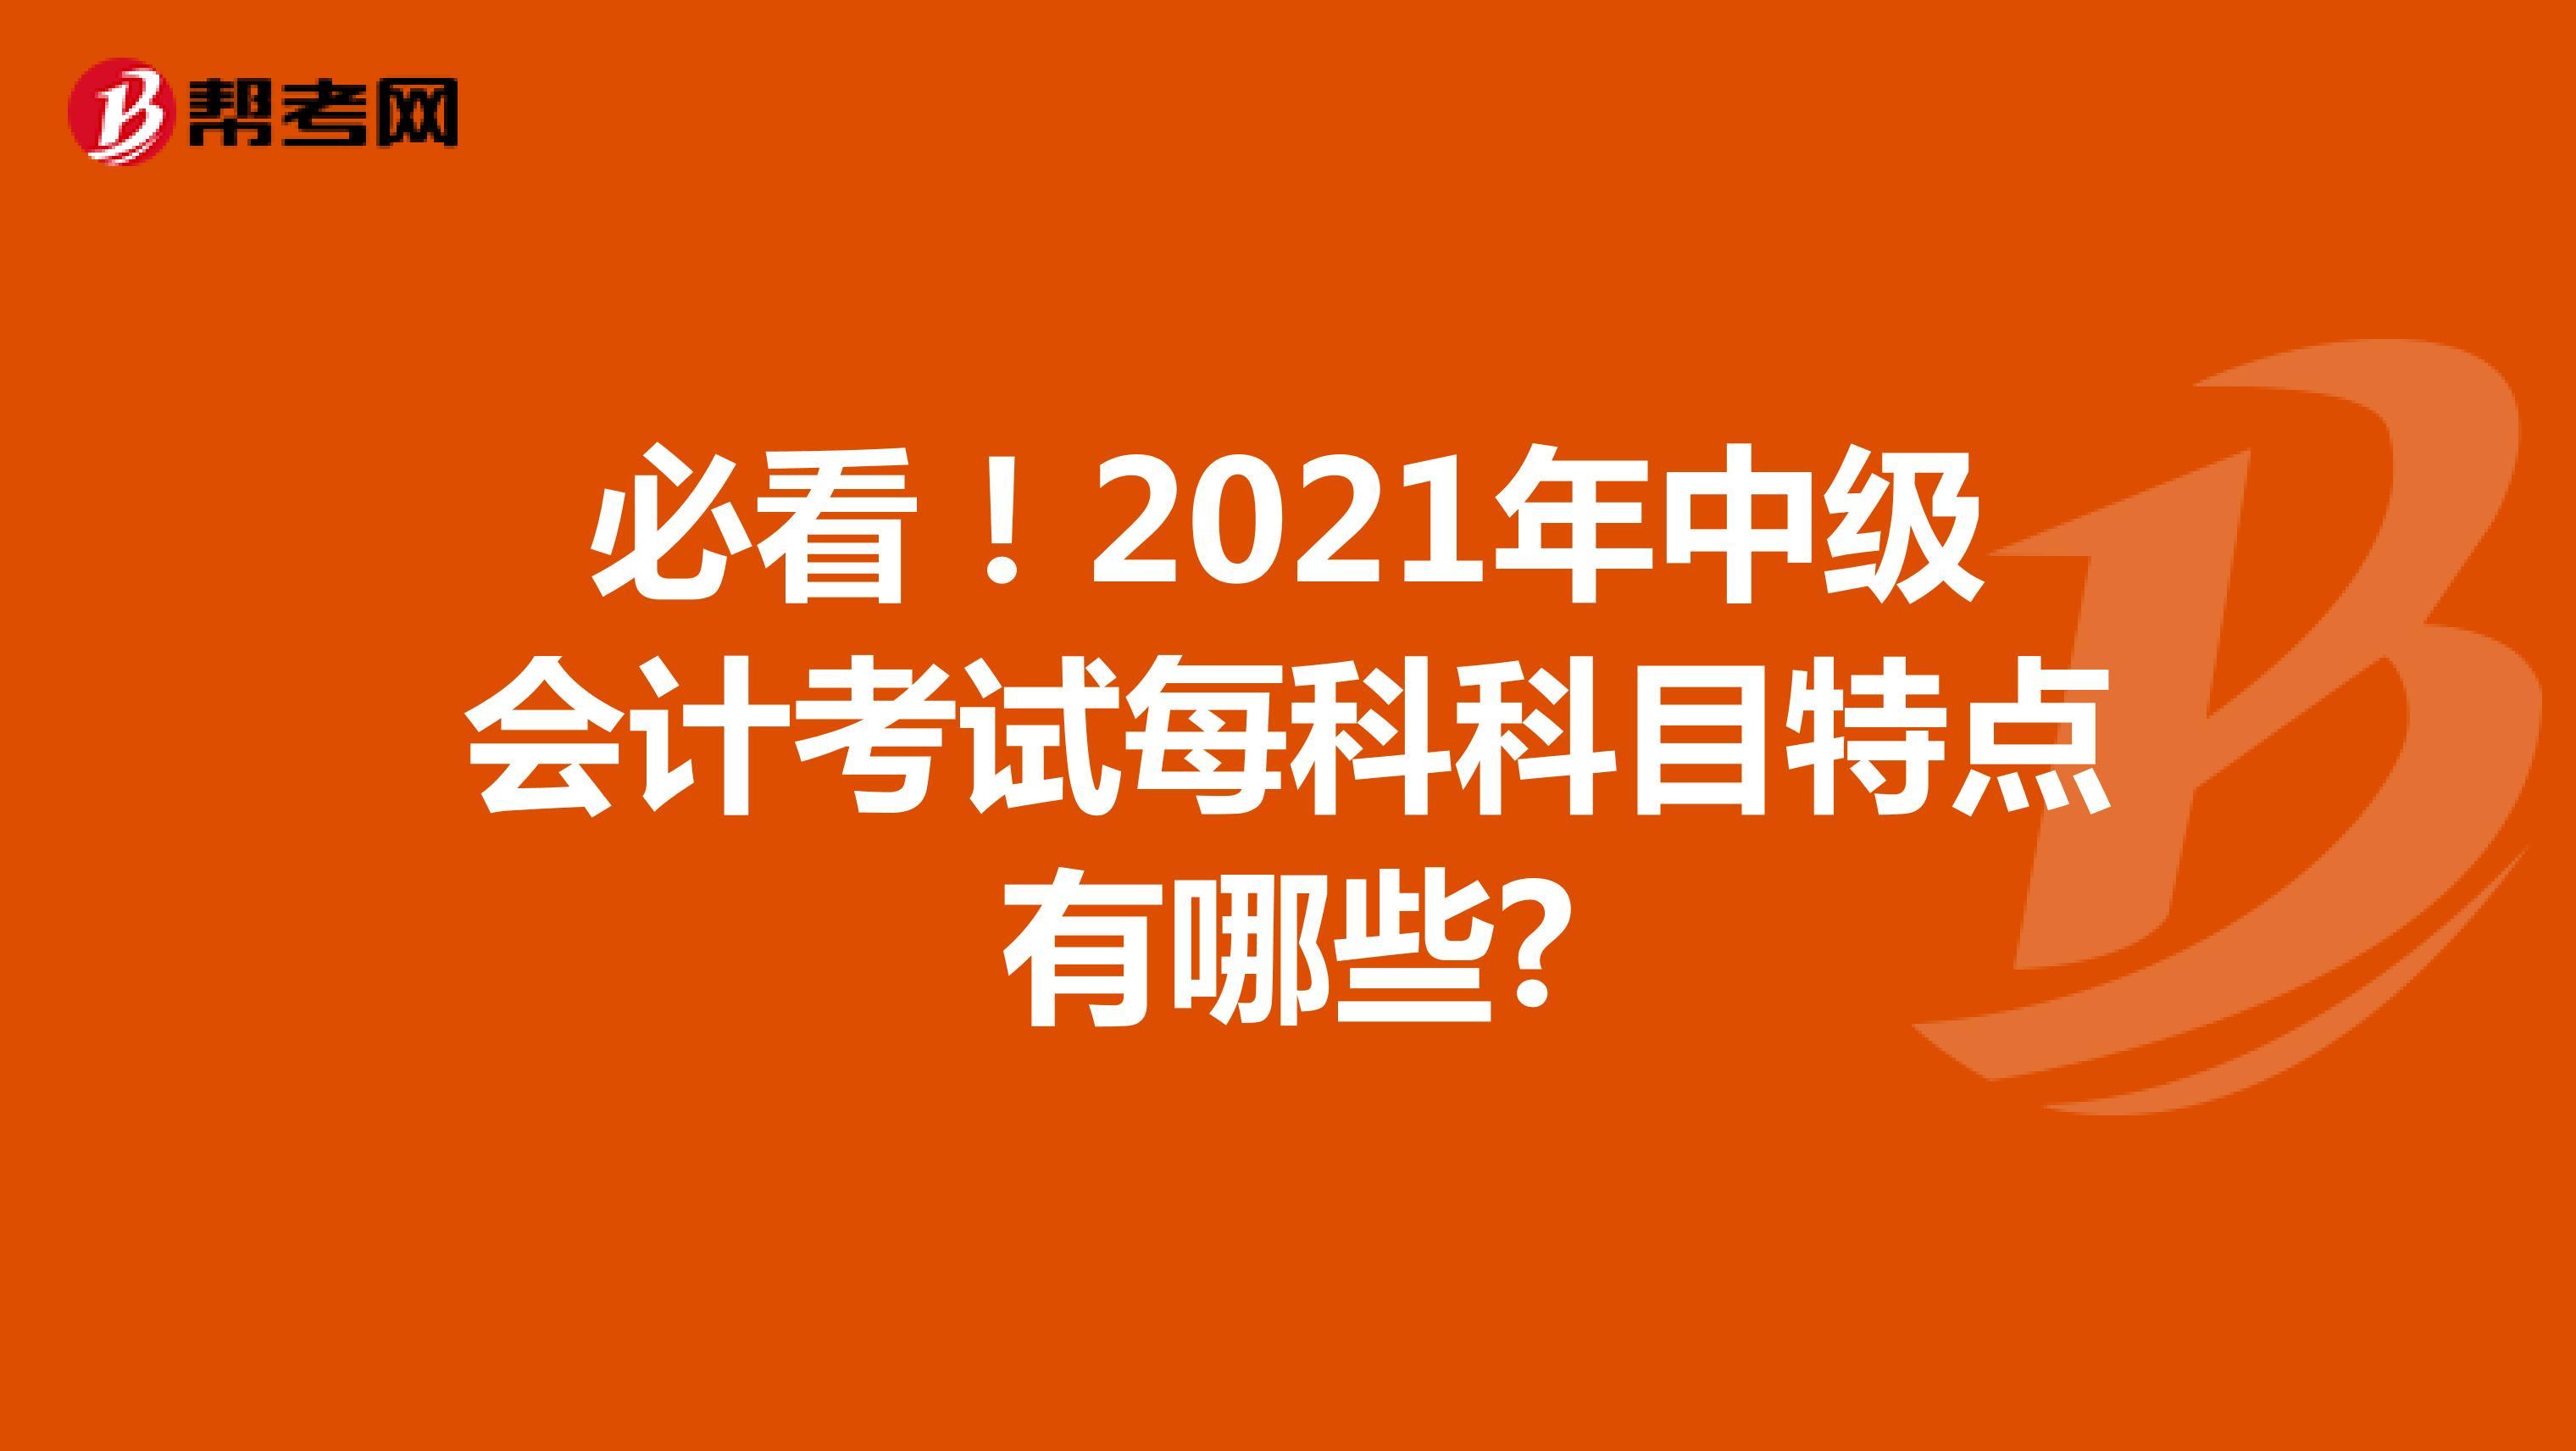 必看!2021年中级会计考试每科科目特点有哪些?